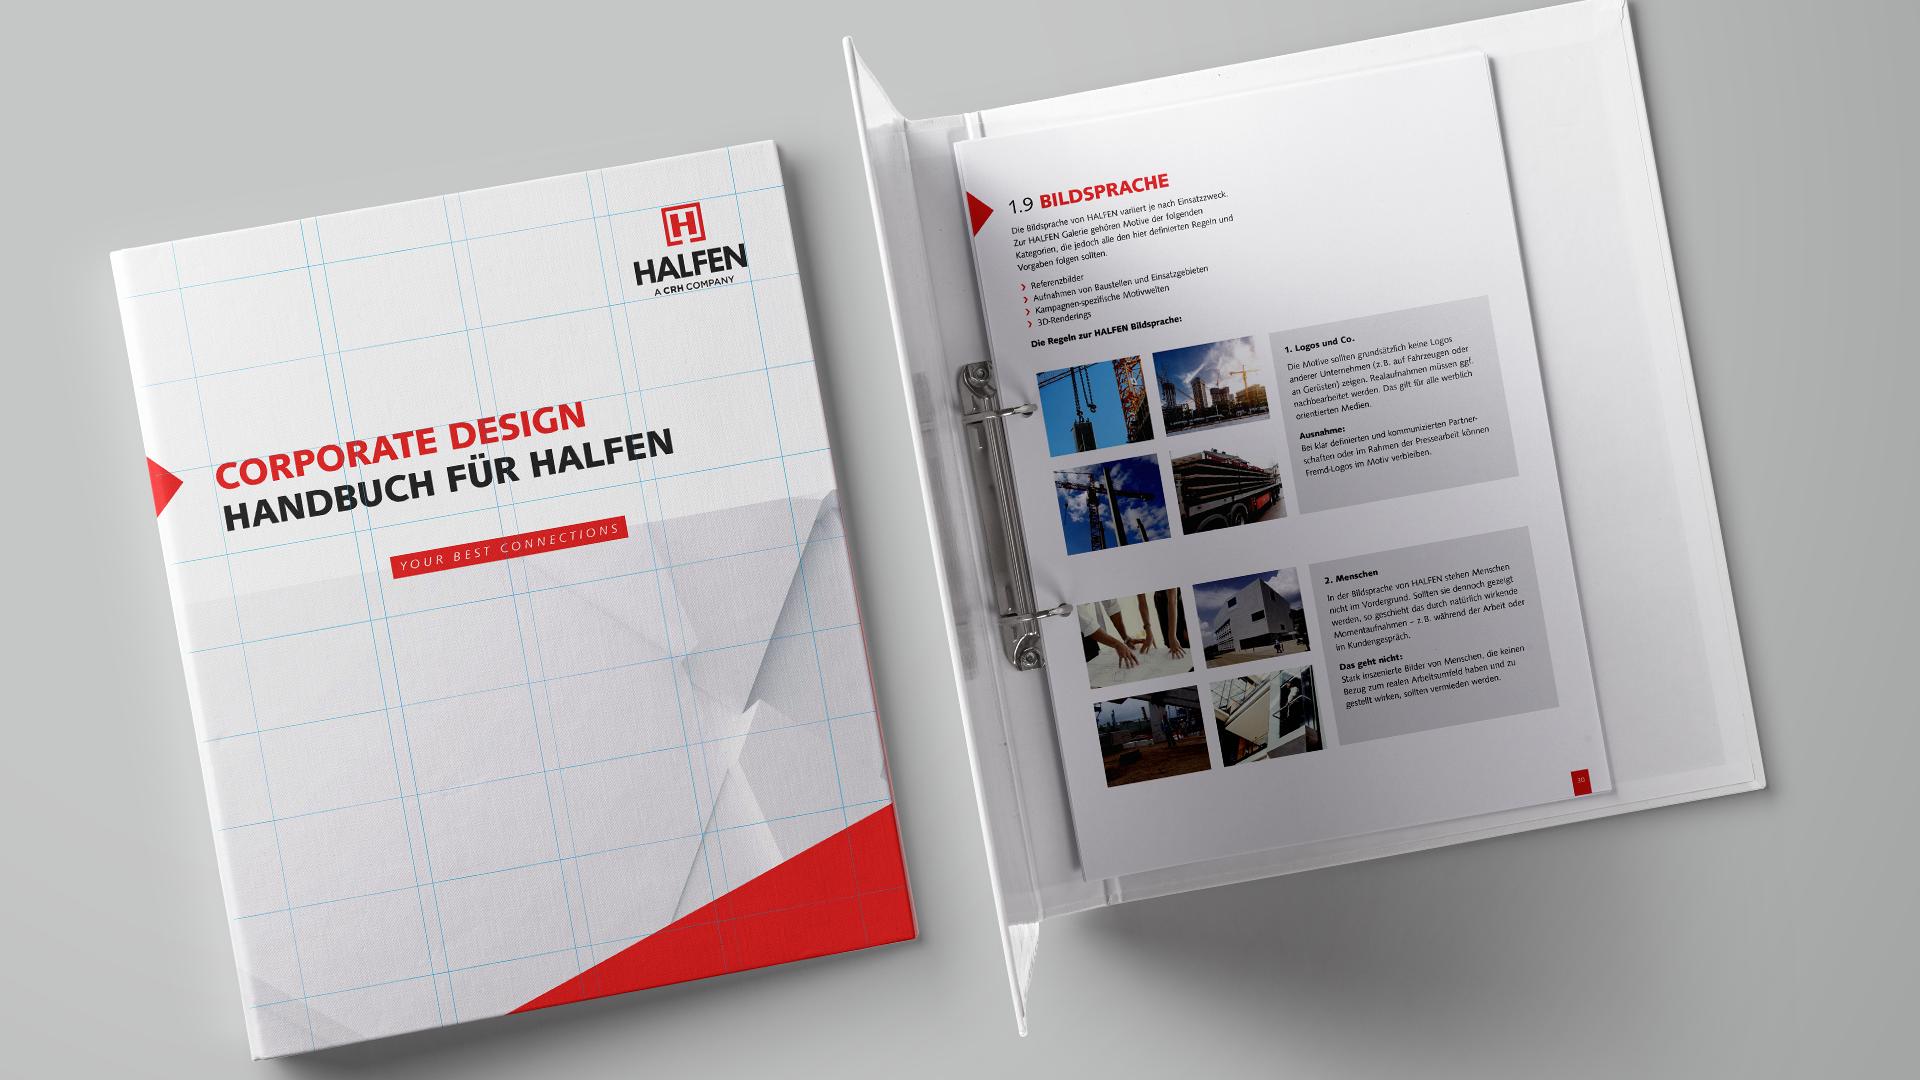 Corporate Design Guide von HALFEN als Handbuch